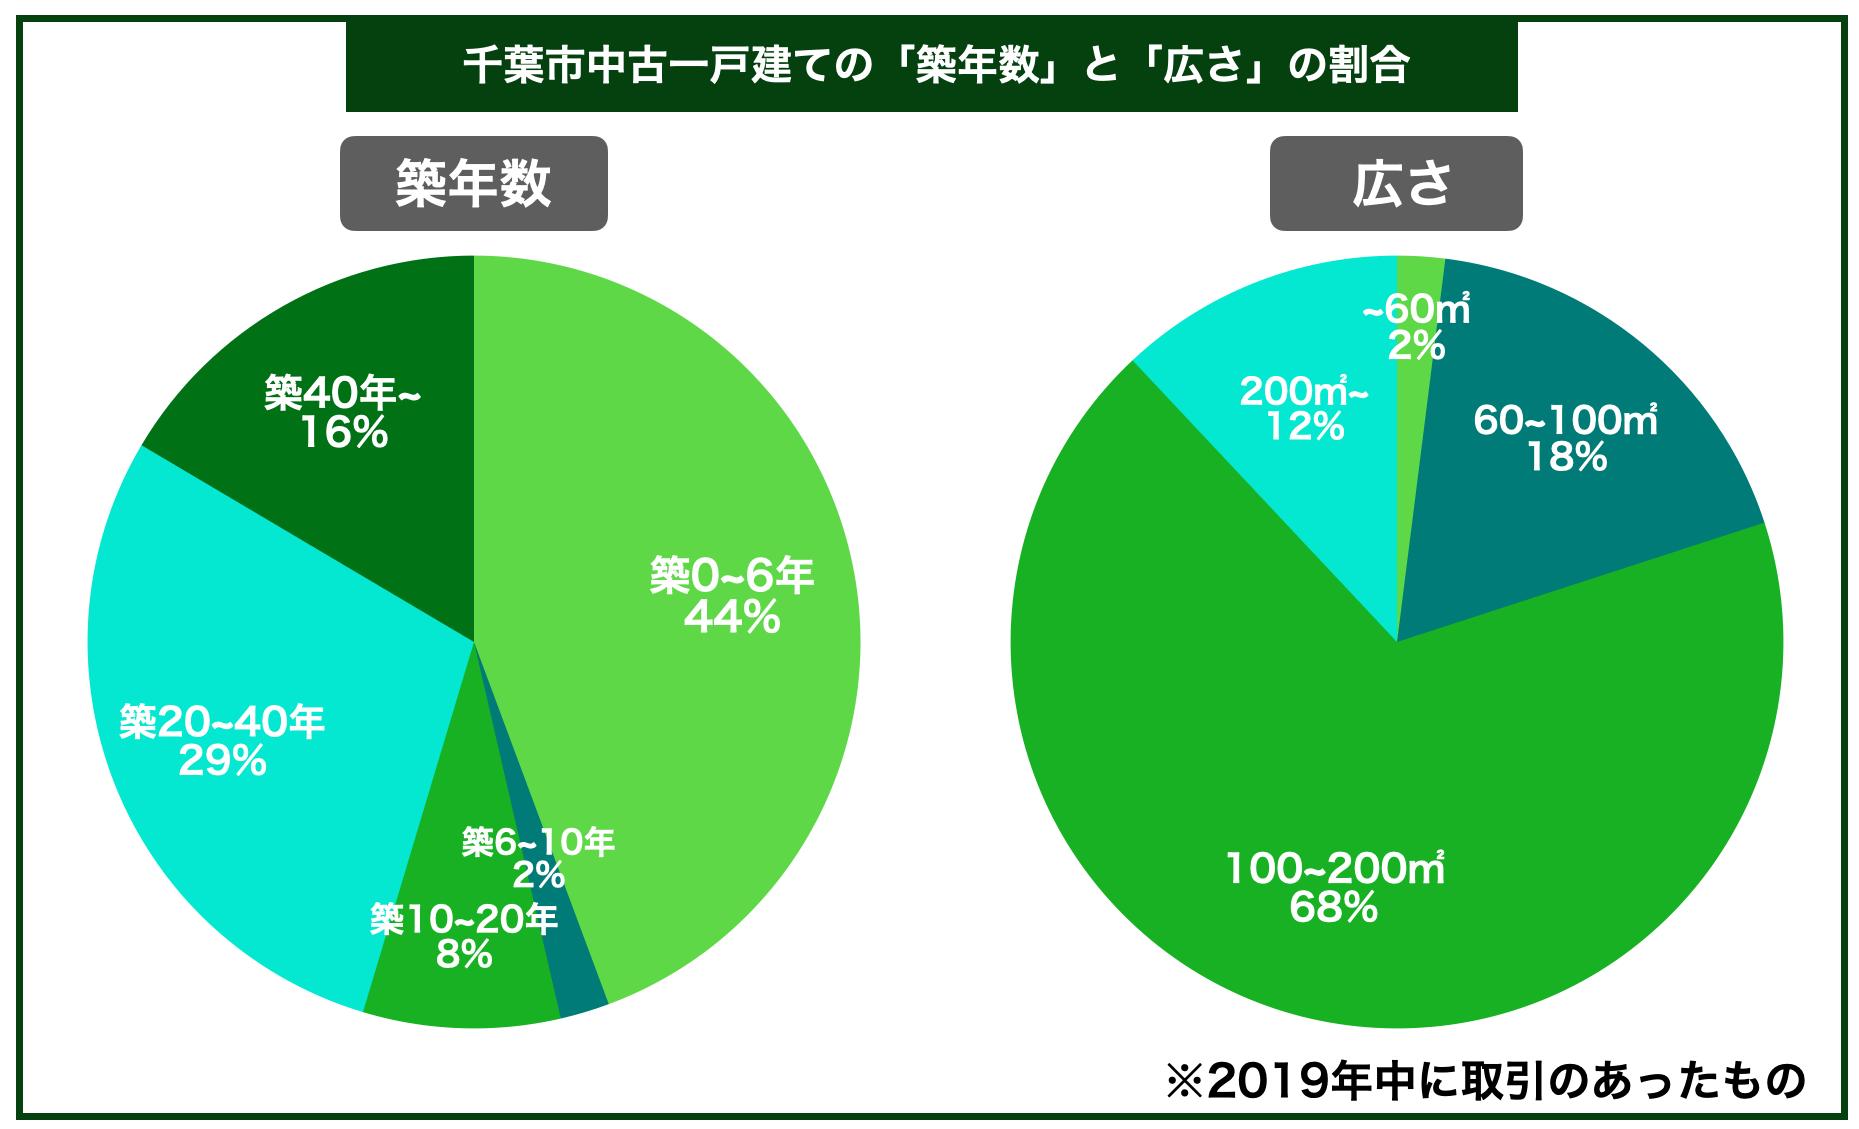 千葉市中古一戸建ての平均築年数と広さの割合